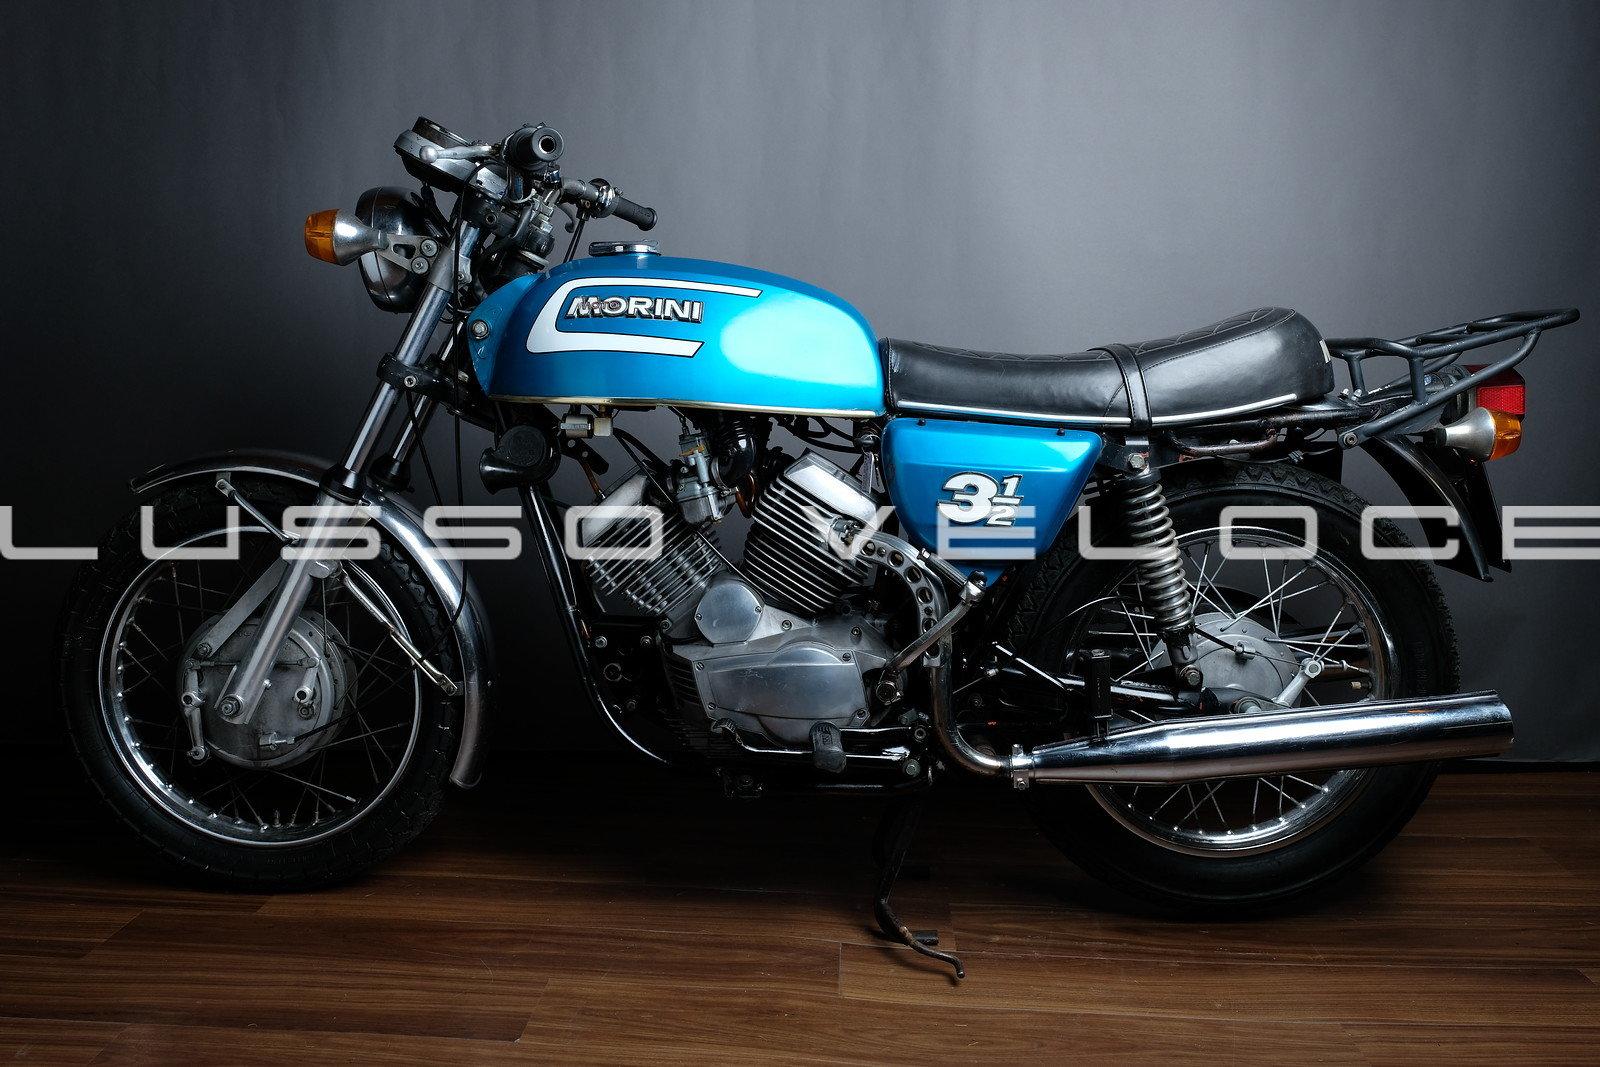 1976 Moto Morini 350 Strada, superb original condition  For Sale (picture 2 of 6)